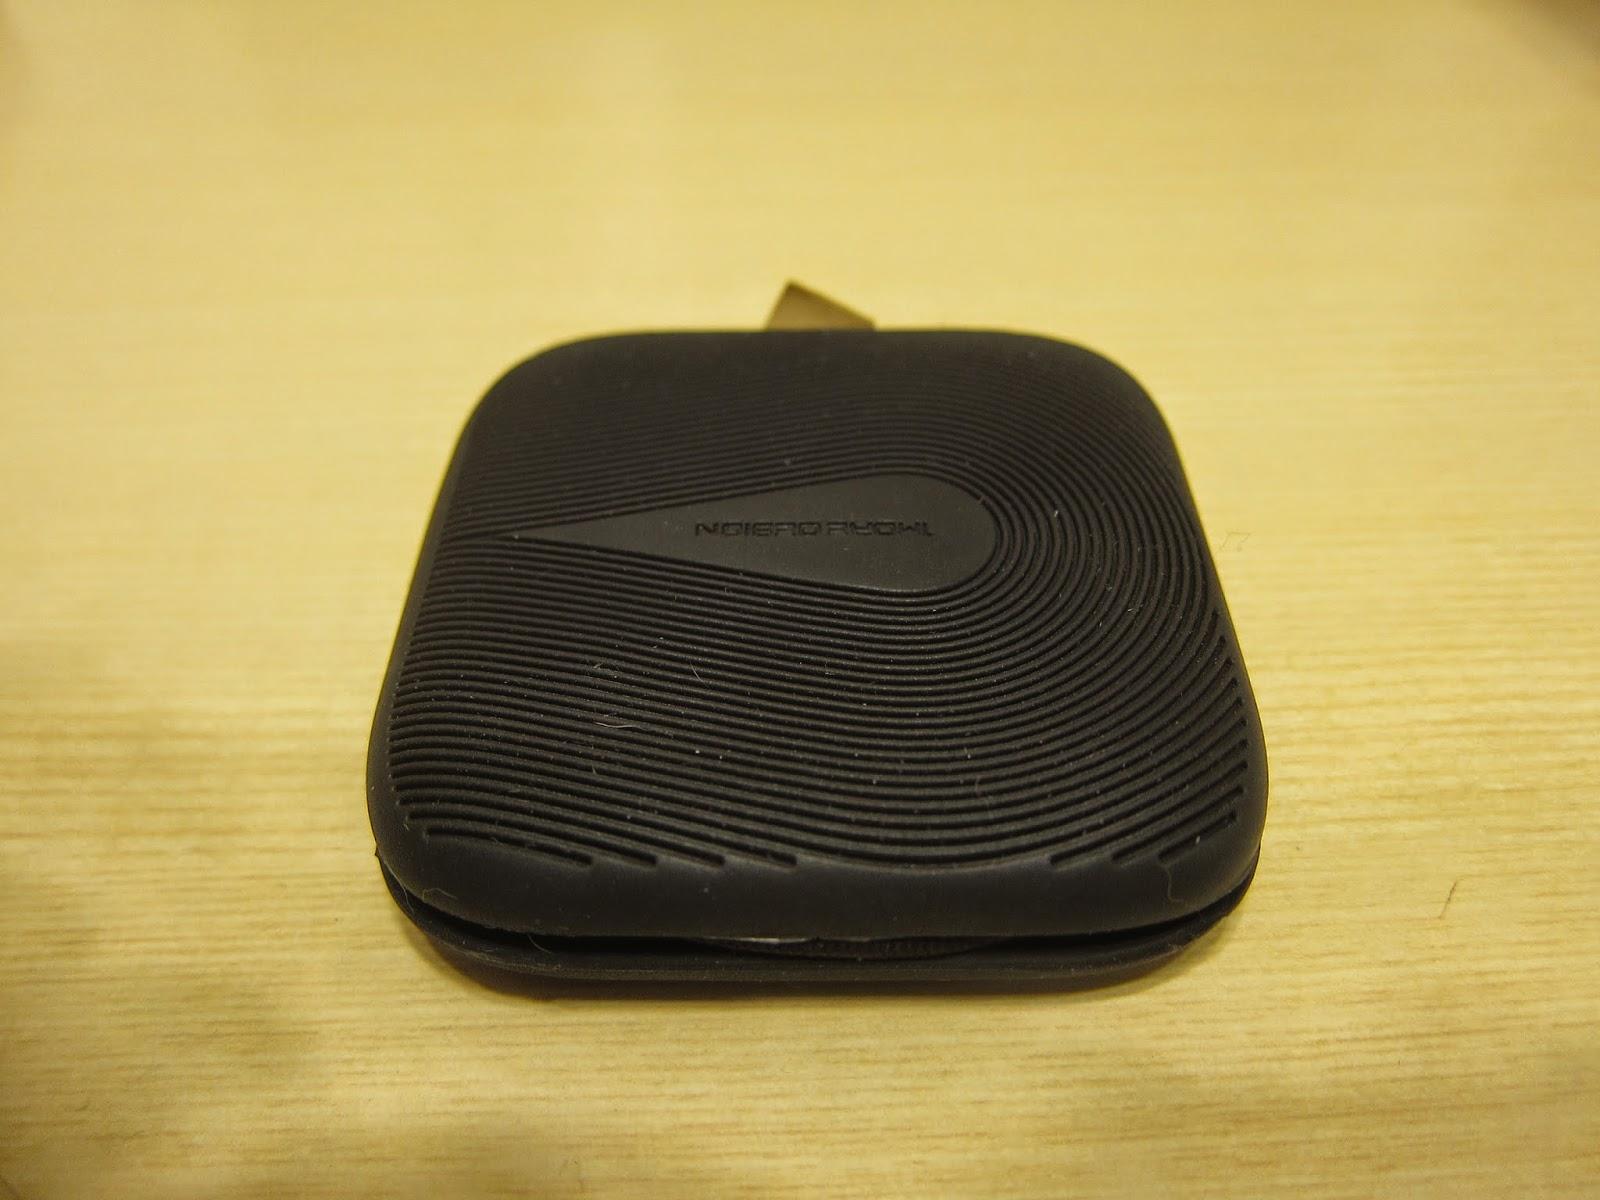 IMG 2299 - [開箱] 聽歌神器?新小米活塞耳機 $495 入手!